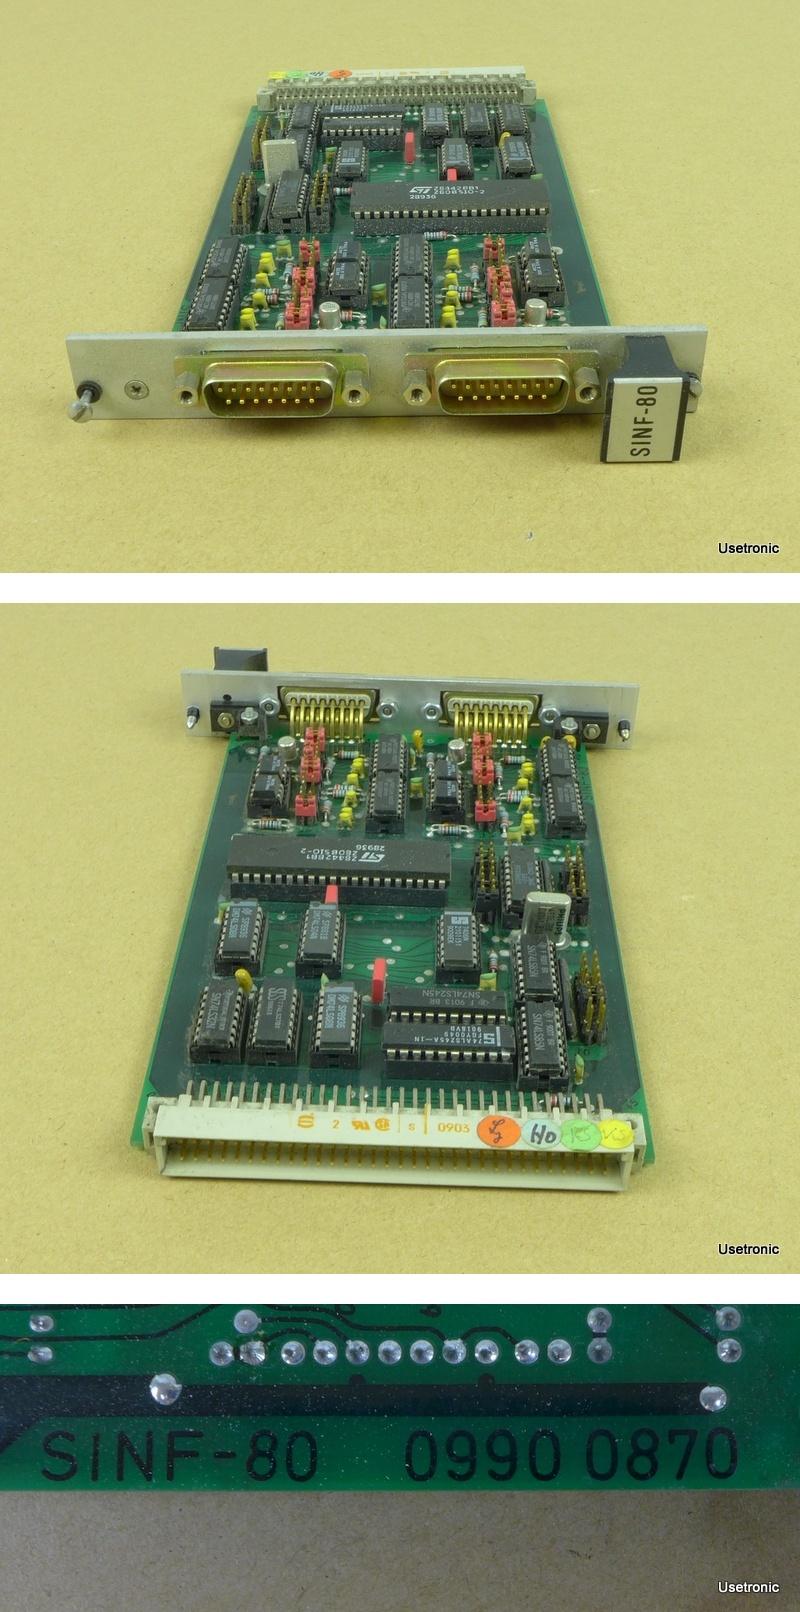 Ferrocontrol SINF-80 09900870